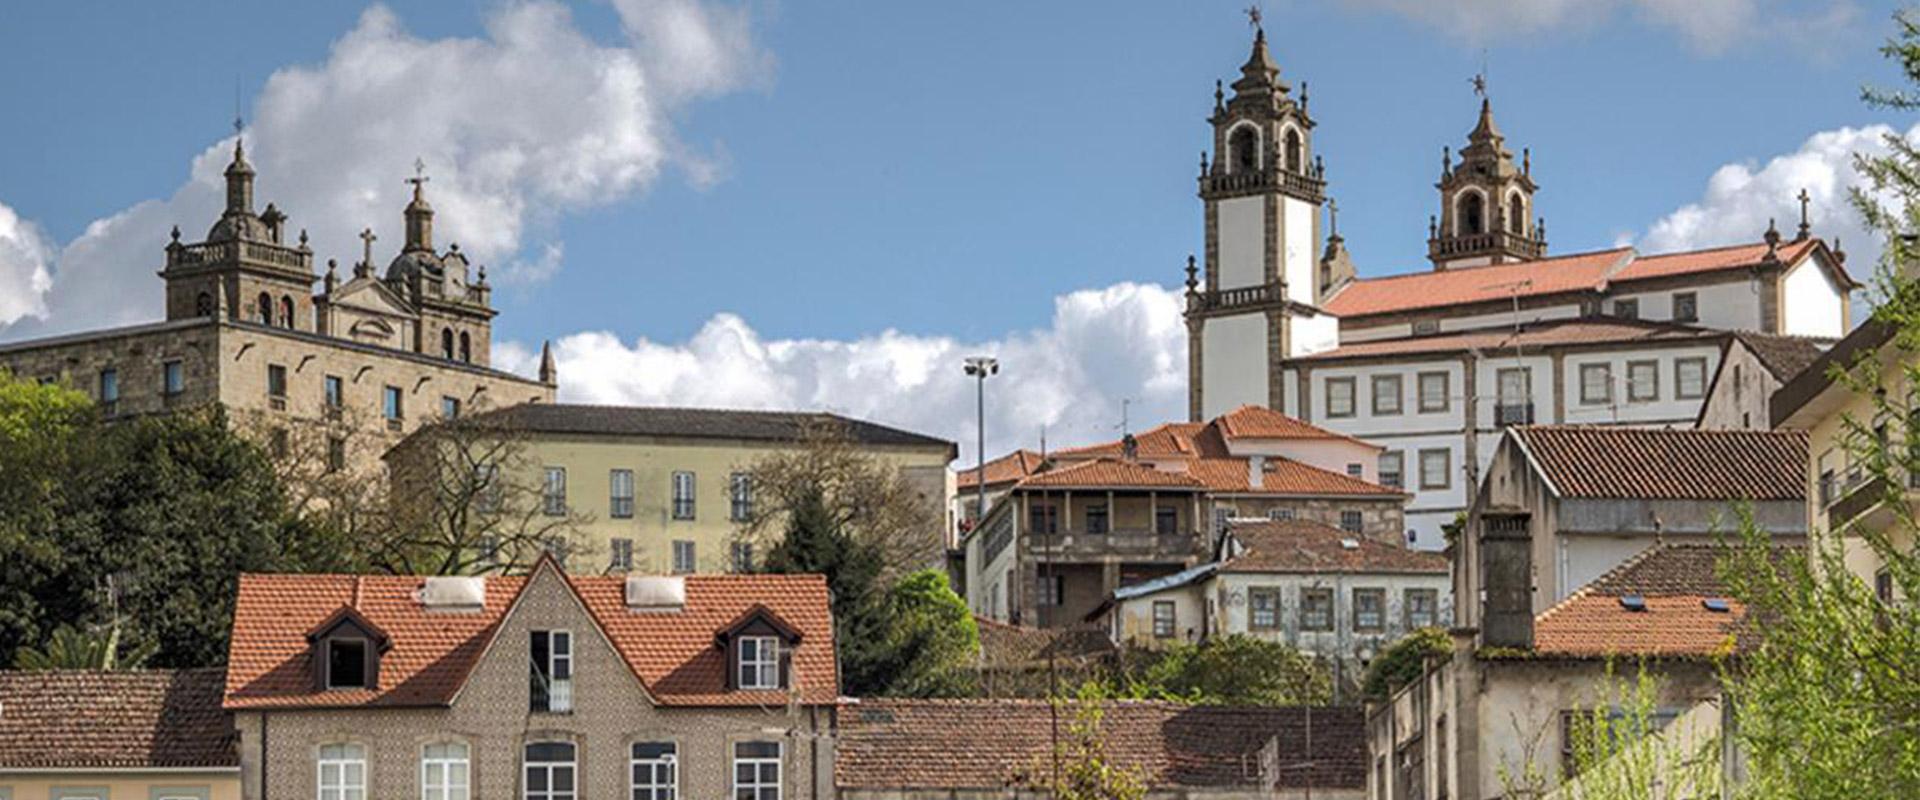 Urban Obras prepara nova abertura em Viseu